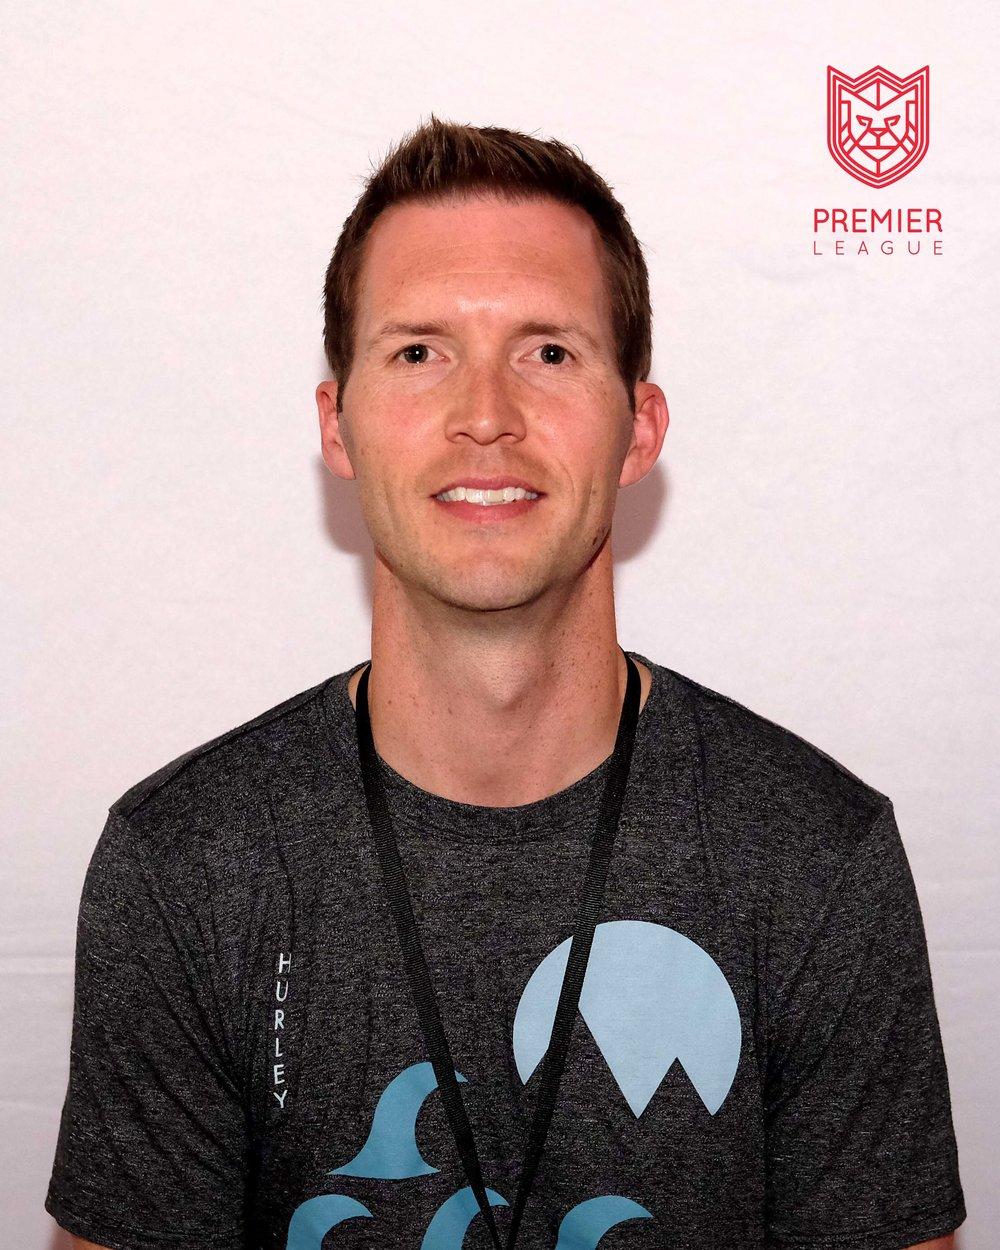 Head Coach - Chad Leier